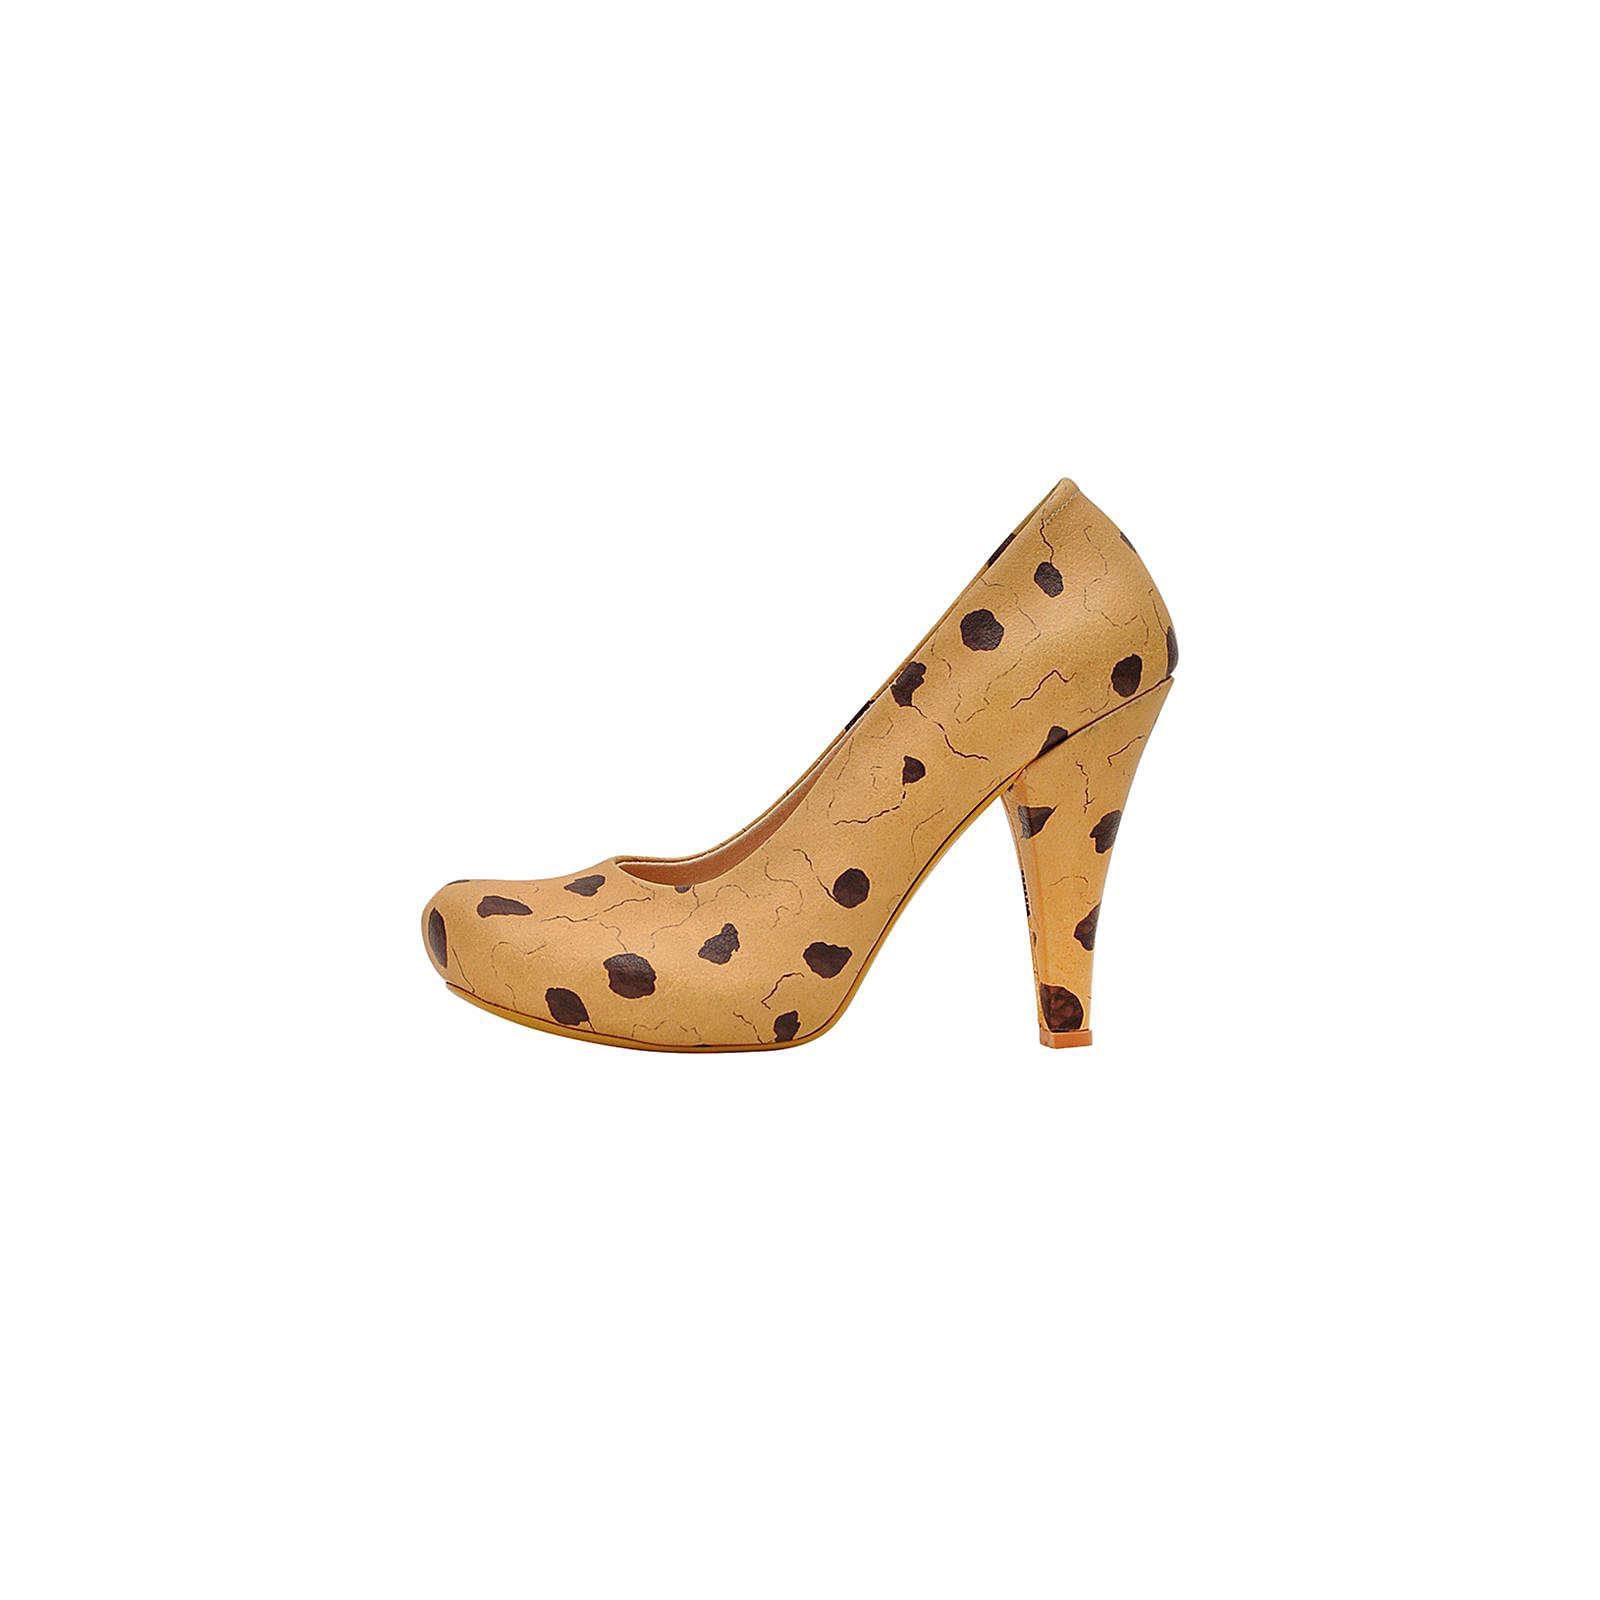 Dogo Shoes Klassische Pumps High-Heels Milk and Cookie mehrfarbig Damen Gr. 36